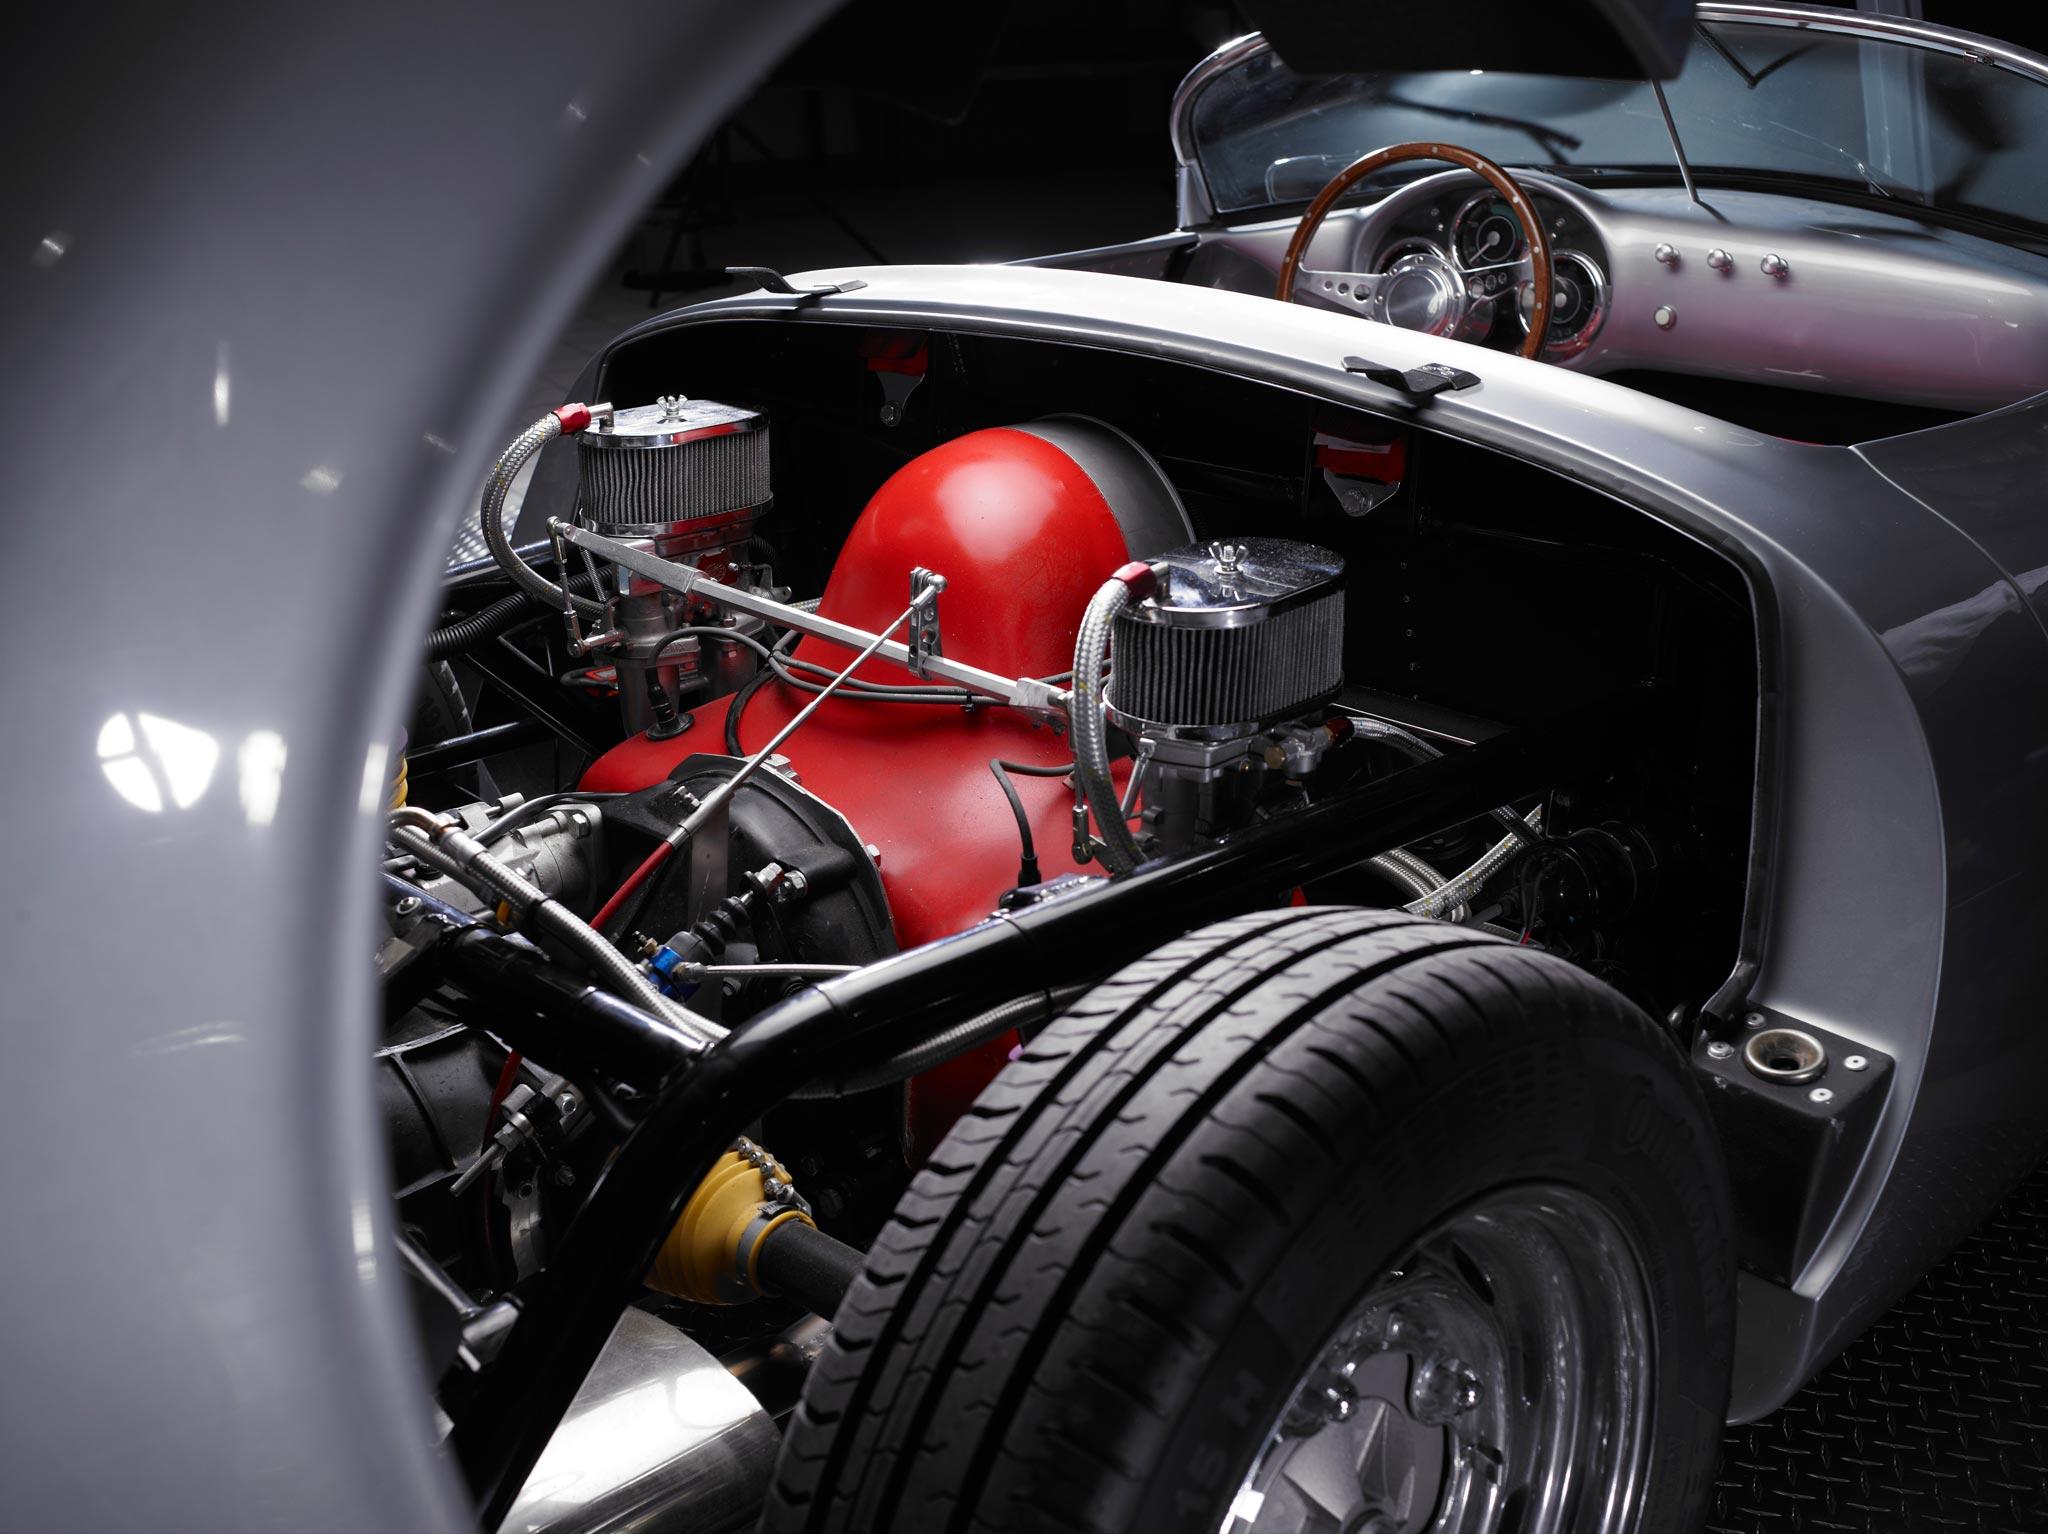 car epilogi_007.jpg